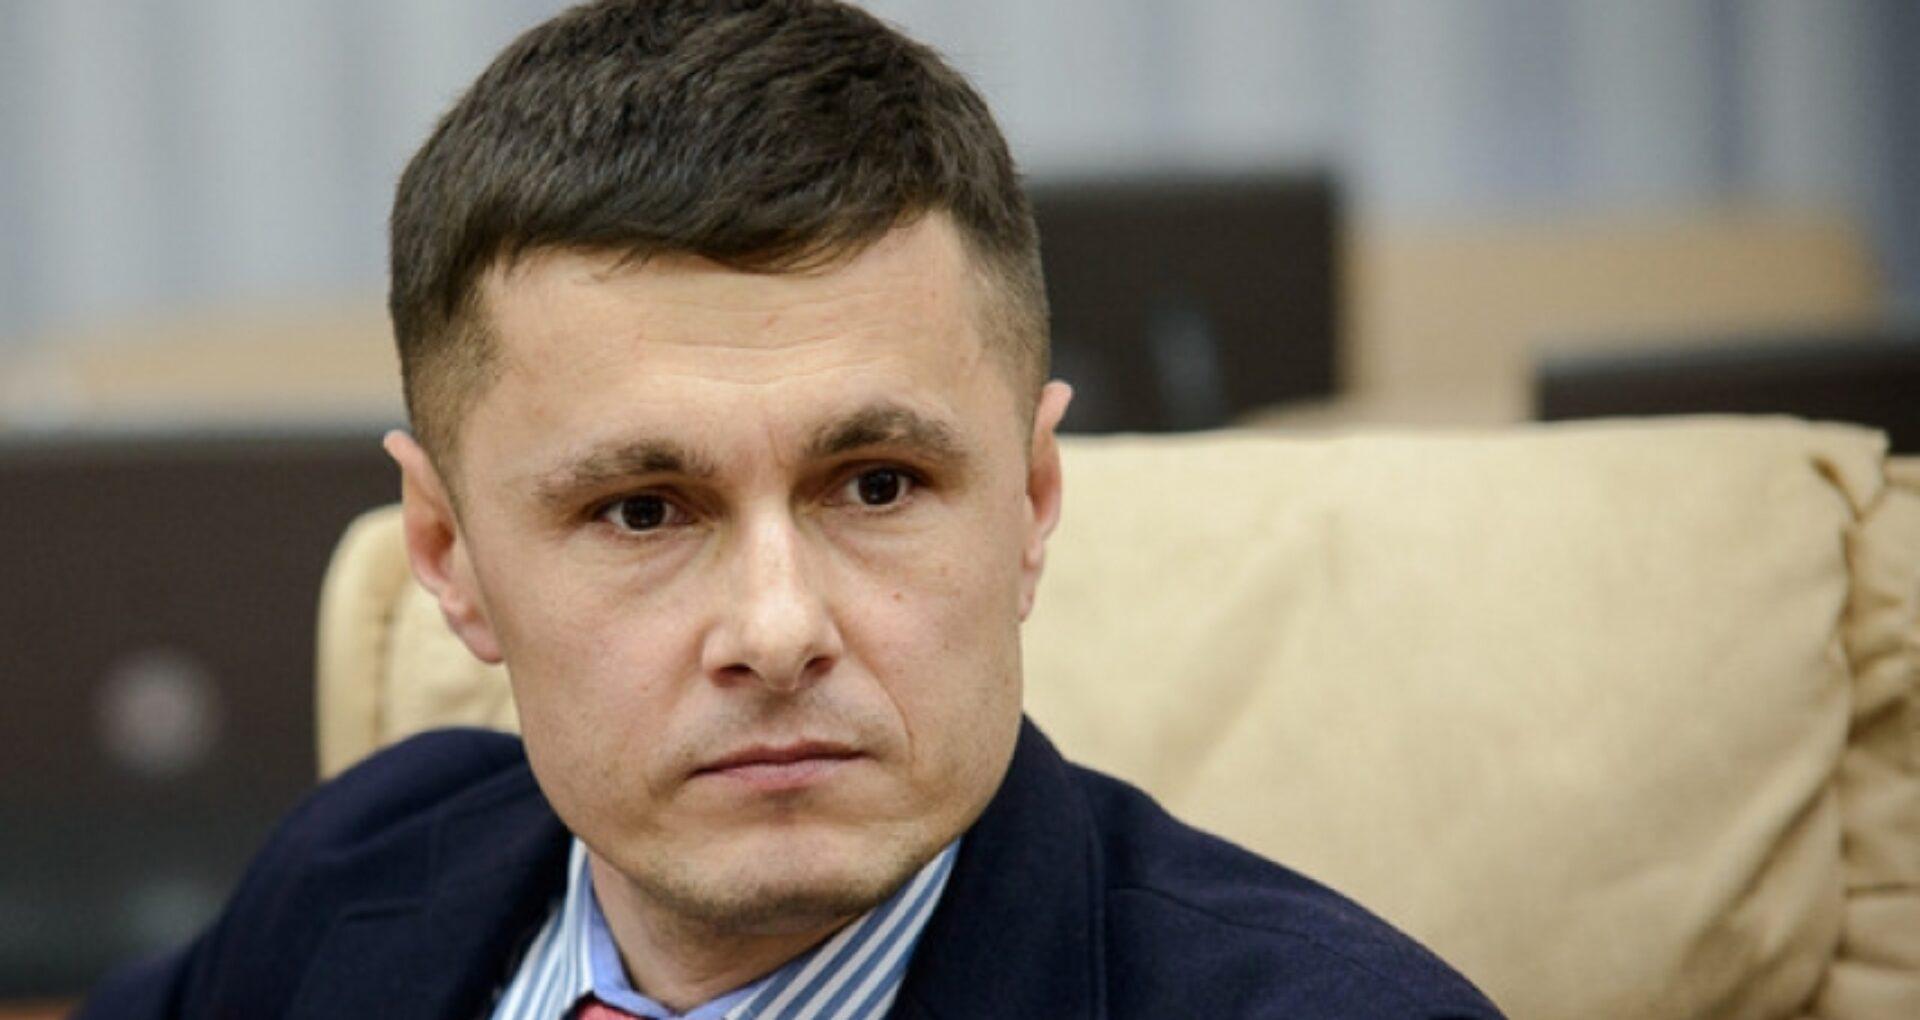 Nagacevschi susține că președinta Sandu nu are dreptul să retragă membrul desemnat de Dodon în comisia care va desemna un judecător la CEDO din partea R. Moldovei